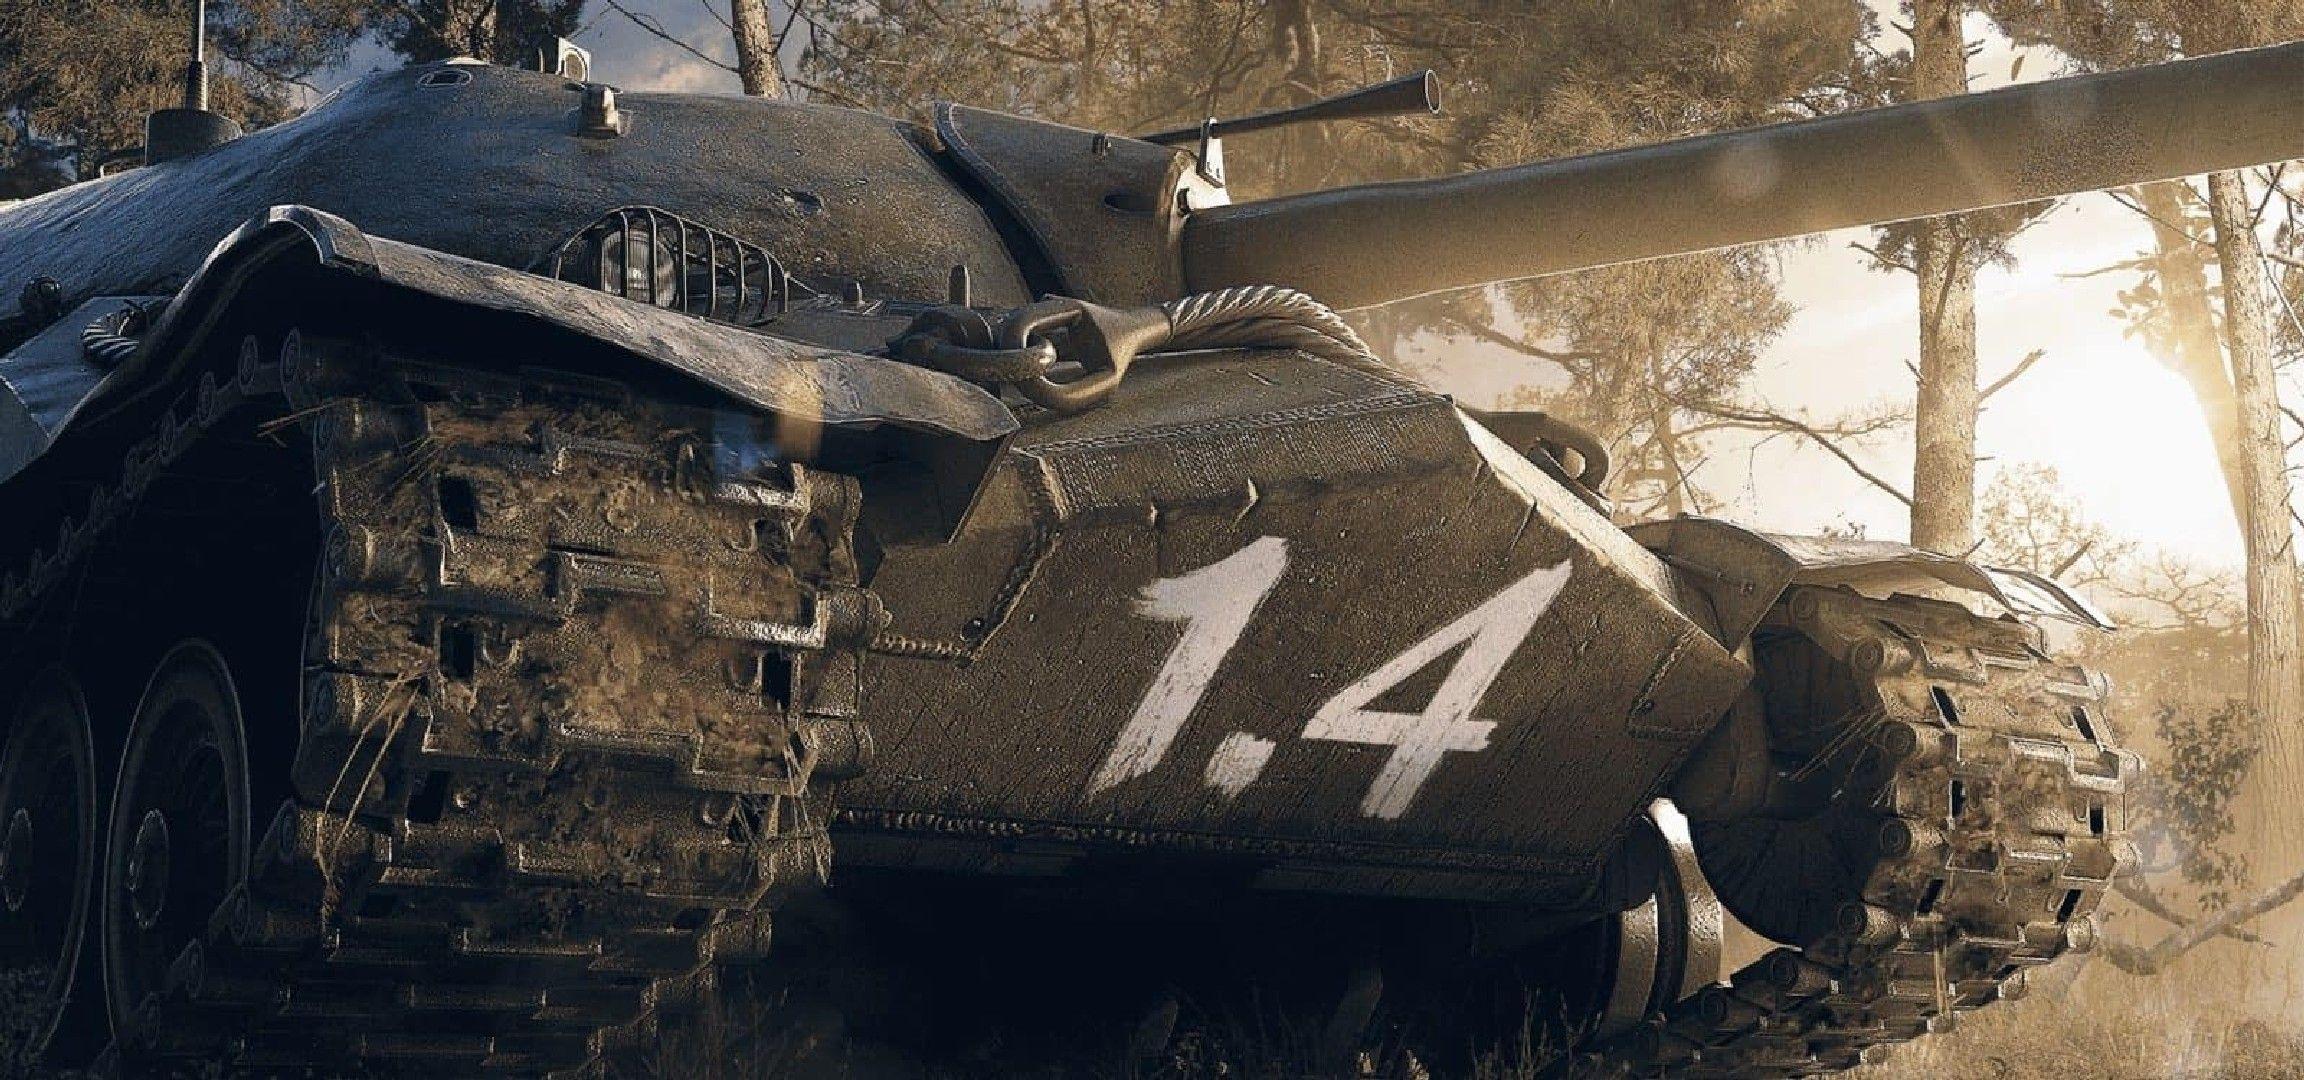 Обновление World of Tanks 1.4. Подробности изменений